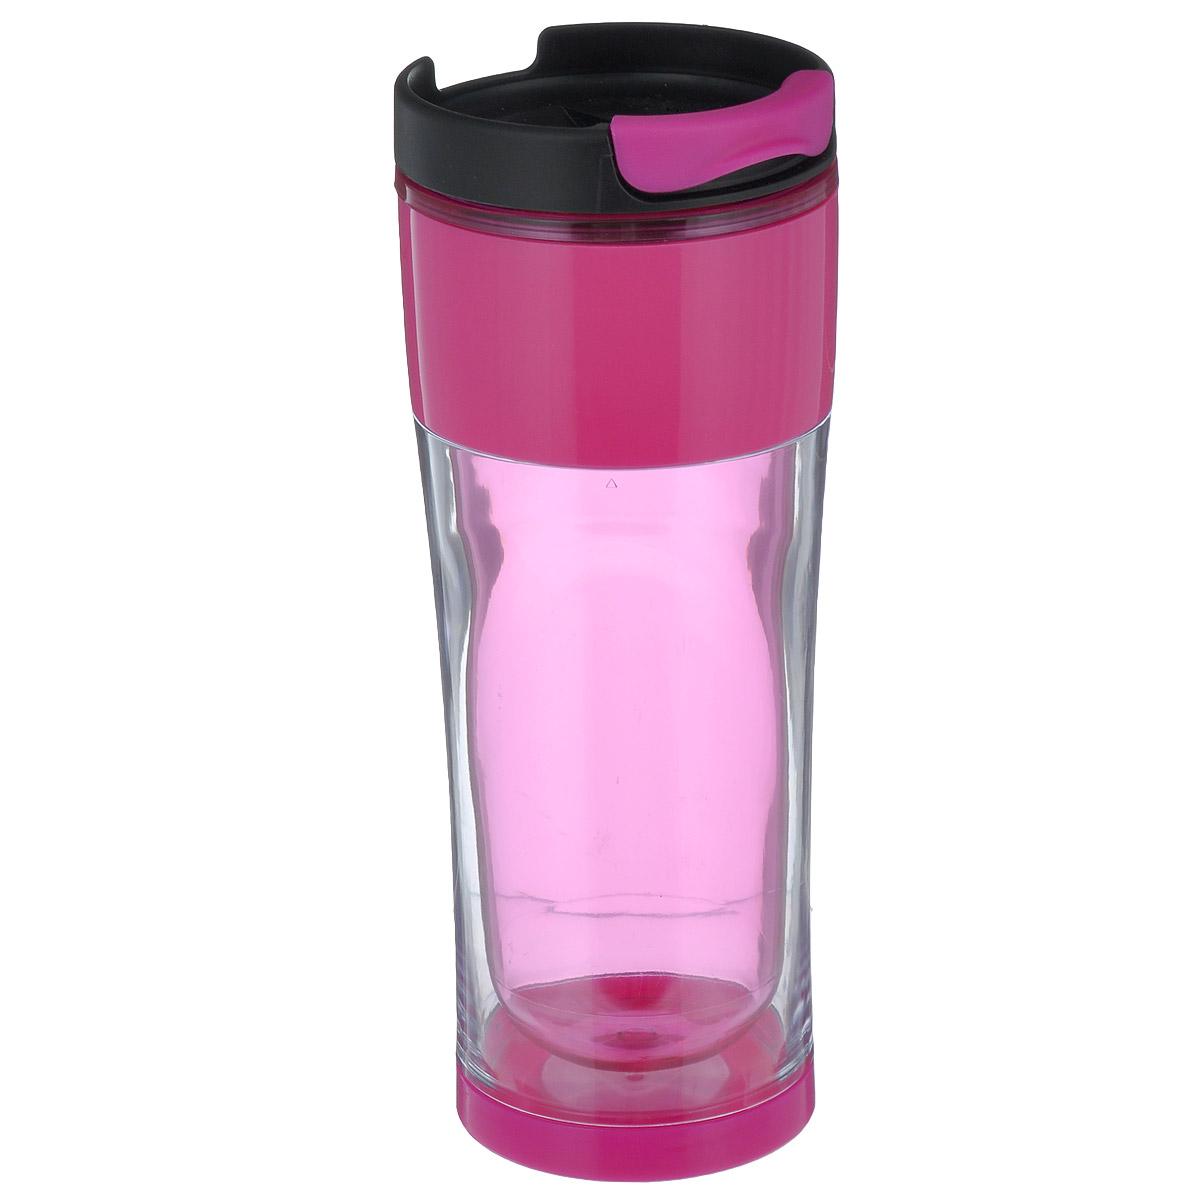 Кружка дорожная Cool Gear Design для горячих напитков, цвет: прозрачный, розовый, черный, 420 мл. 18731873Дорожная кружка Cool Gear Design изготовлена из высококачественного BPA-free пластика, не содержащего токсичных веществ. Двойные стенки дольше сохраняют напиток горячим и не обжигают руки. Надежная закручивающаяся крышка с защитой от проливания обеспечит дополнительную безопасность. Крышка оснащена клапаном для питья. Оптимальный объем позволит взять с собой большую порцию горячего кофе или чая. Идеально подходит для холодных напитков. Оригинальный дизайн, яркие, жизнерадостные цвета и эргономичная форма превращают кружку в стильный и функциональный аксессуар. Кружка идеальна для ежедневного использования. Она станет вашим неотъемлемым спутником в длительных поездках или занятиях зимними видами спорта. Не рекомендуется использовать в микроволновой печи и мыть в посудомоечной машине. Диаметр кружки по верхнему краю: 8 см. Высота кружки (с учетом крышки): 21 см.